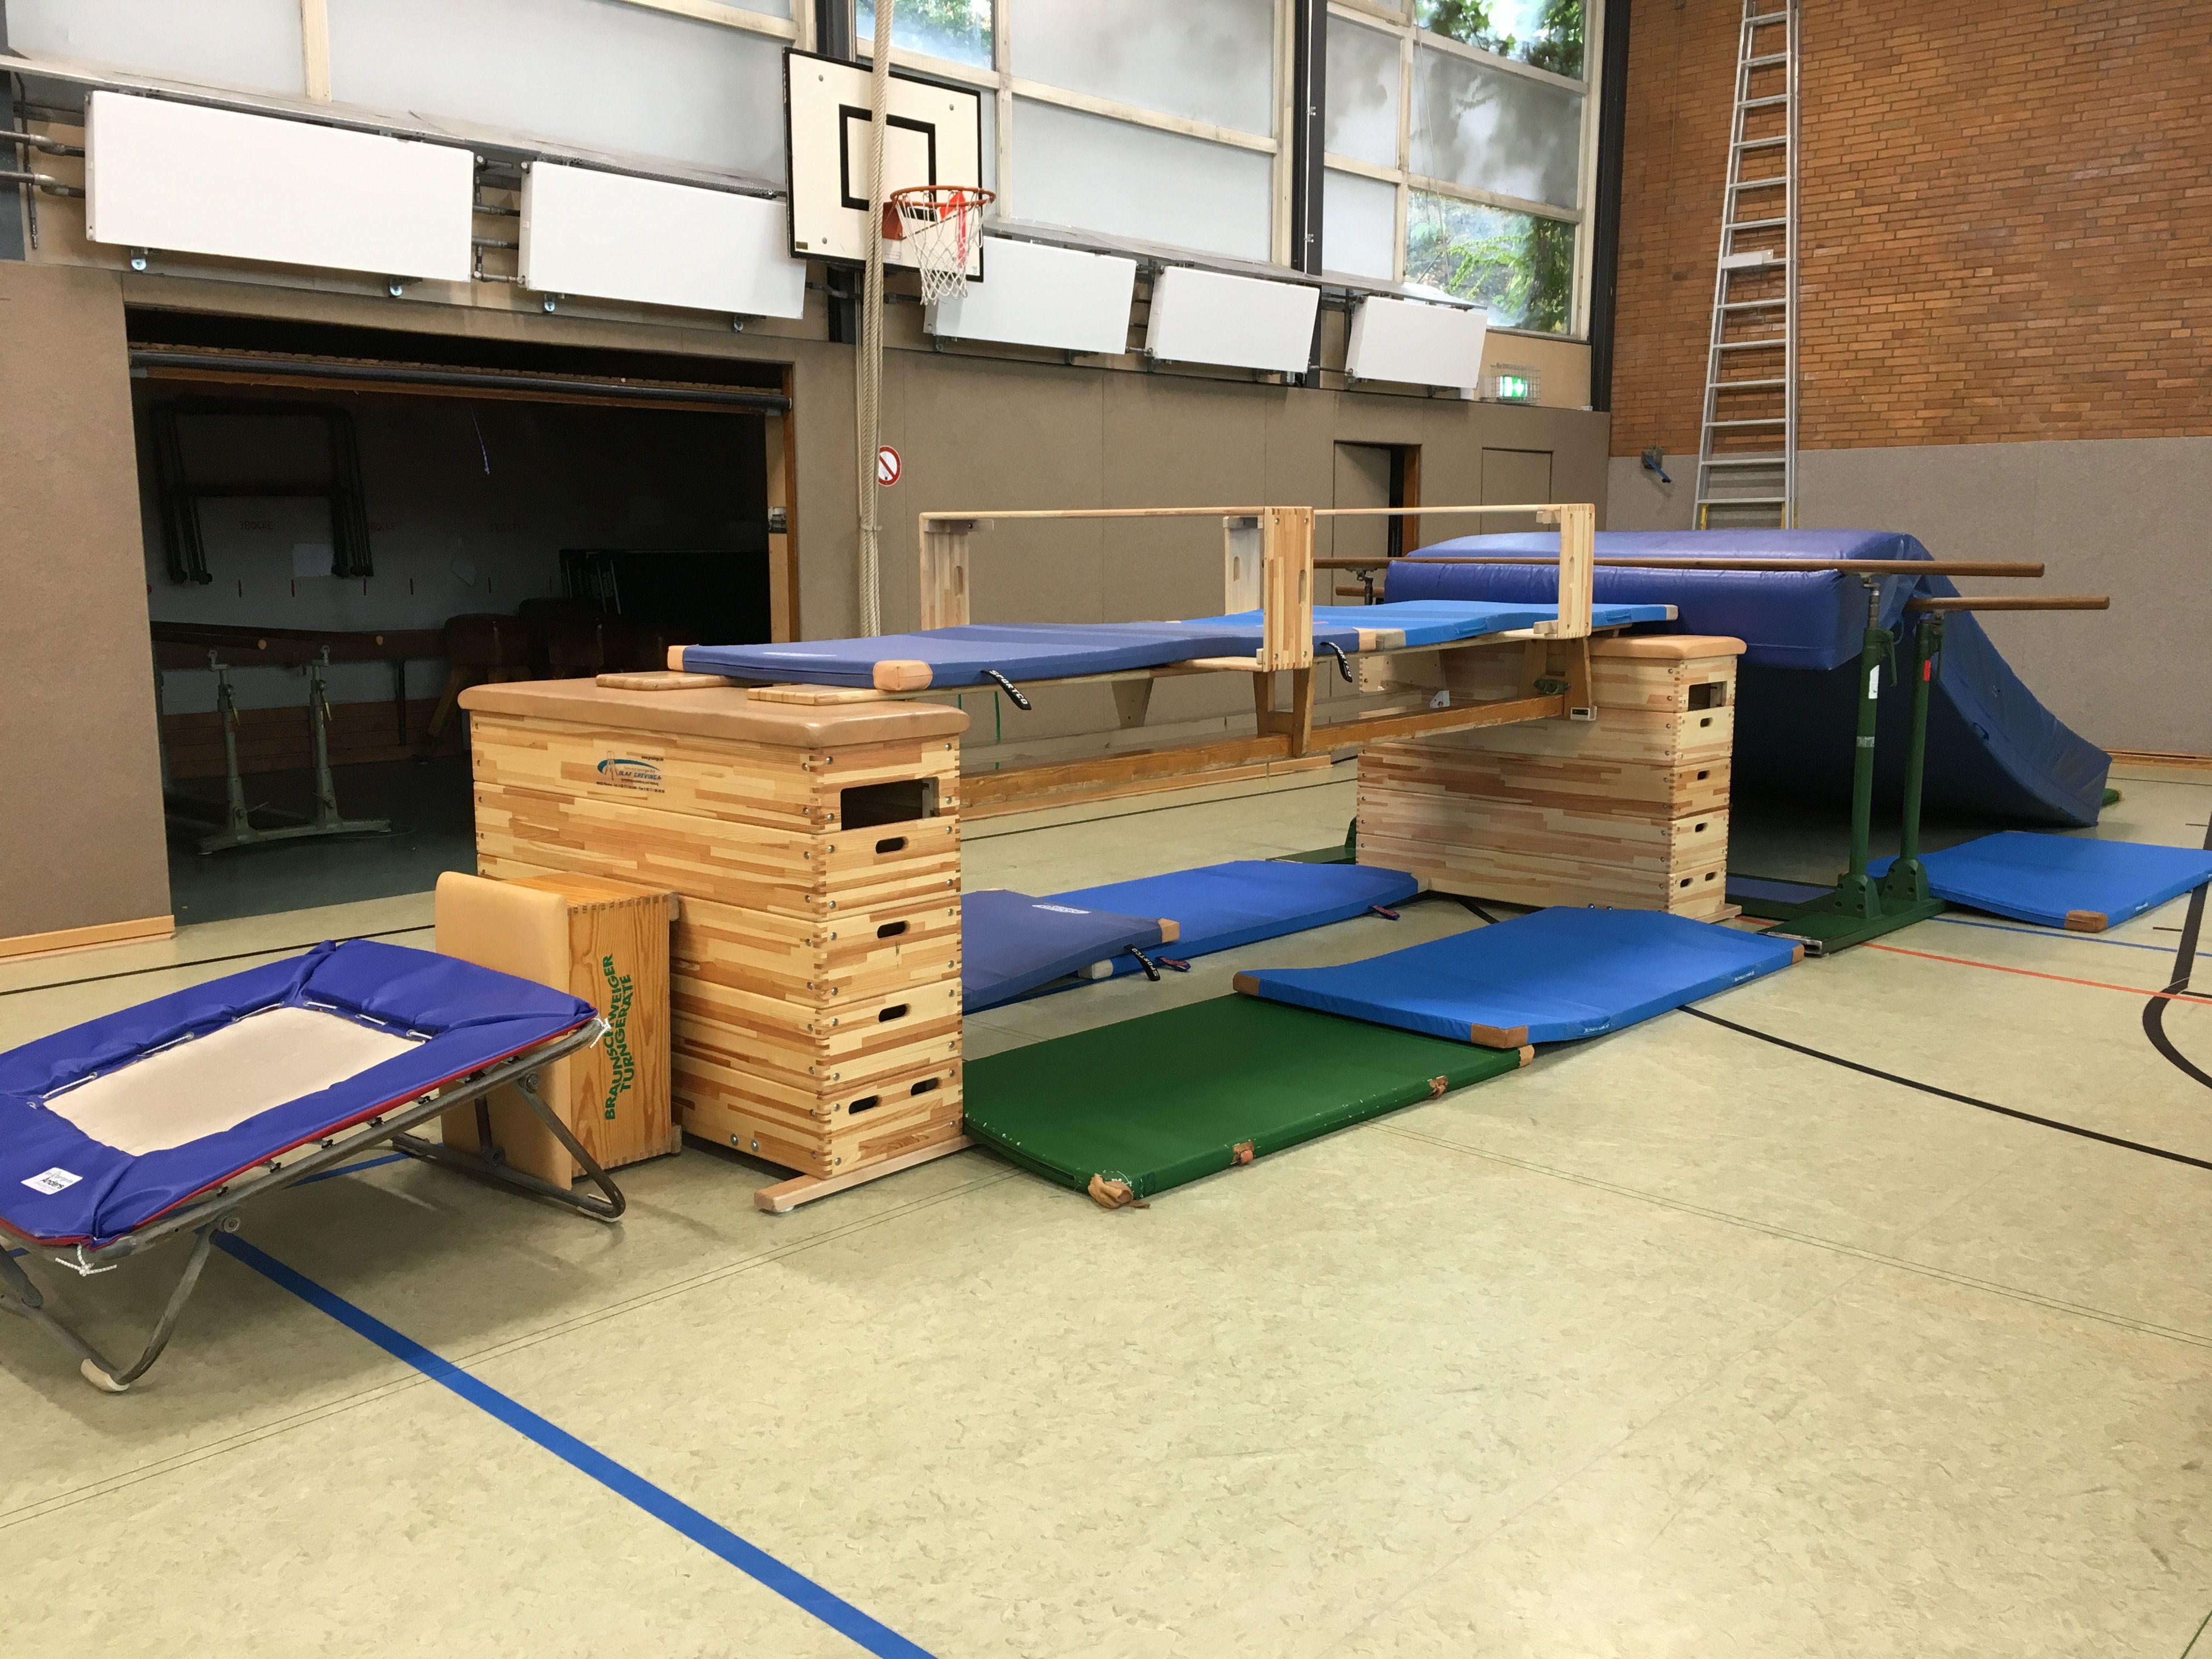 turnhalle turnhalle kinderturnen turnen und turnen. Black Bedroom Furniture Sets. Home Design Ideas